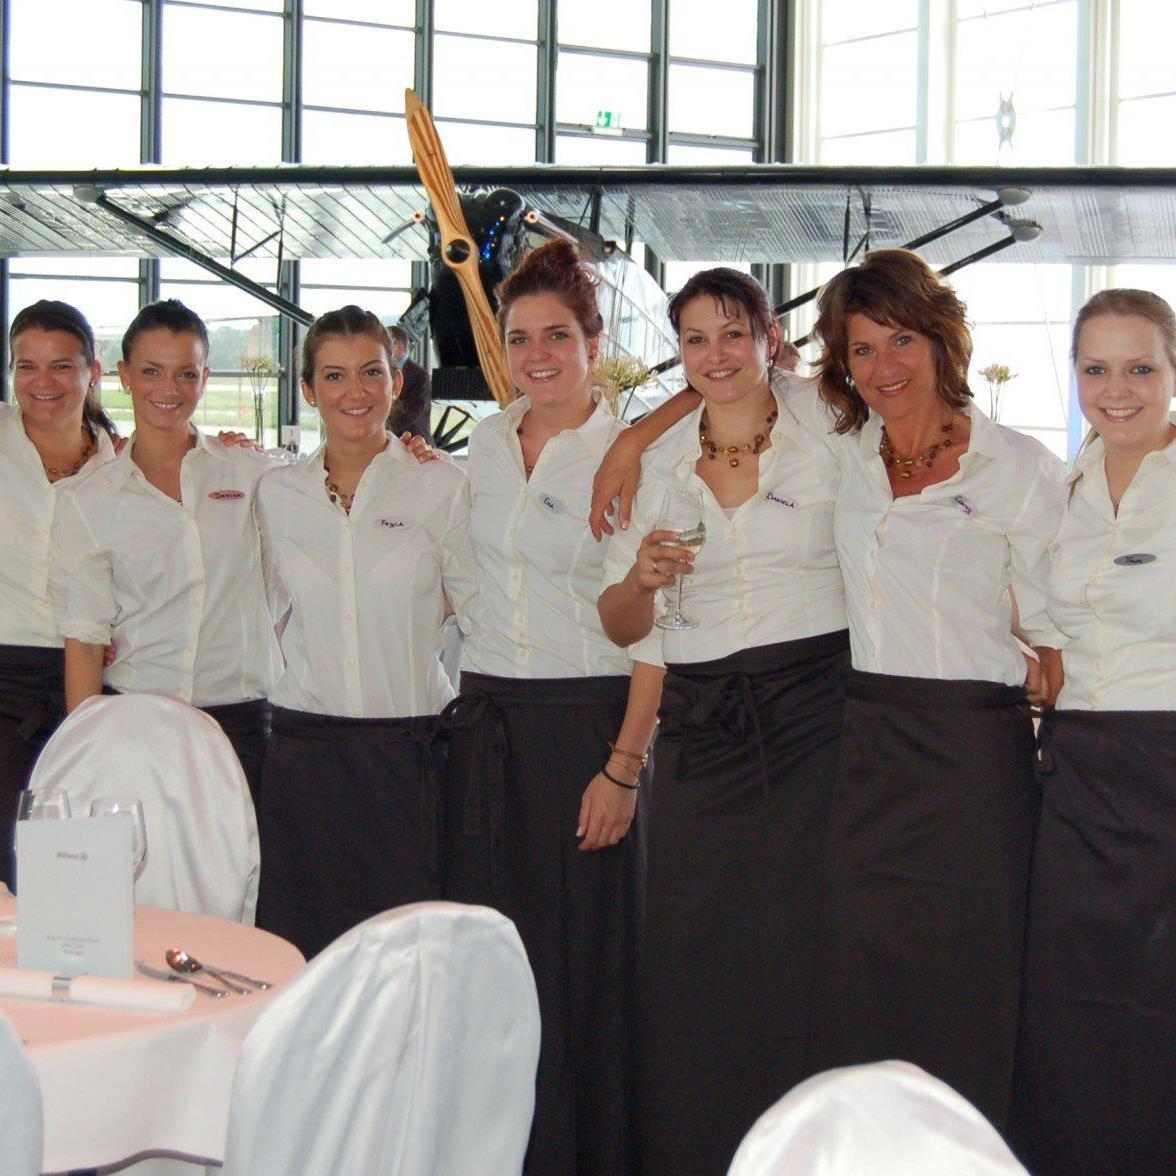 Die Gäste im Österreicher-Haus erwartet bei Olympia 2014 ein perfekter Service der Marke Seidl Catering.